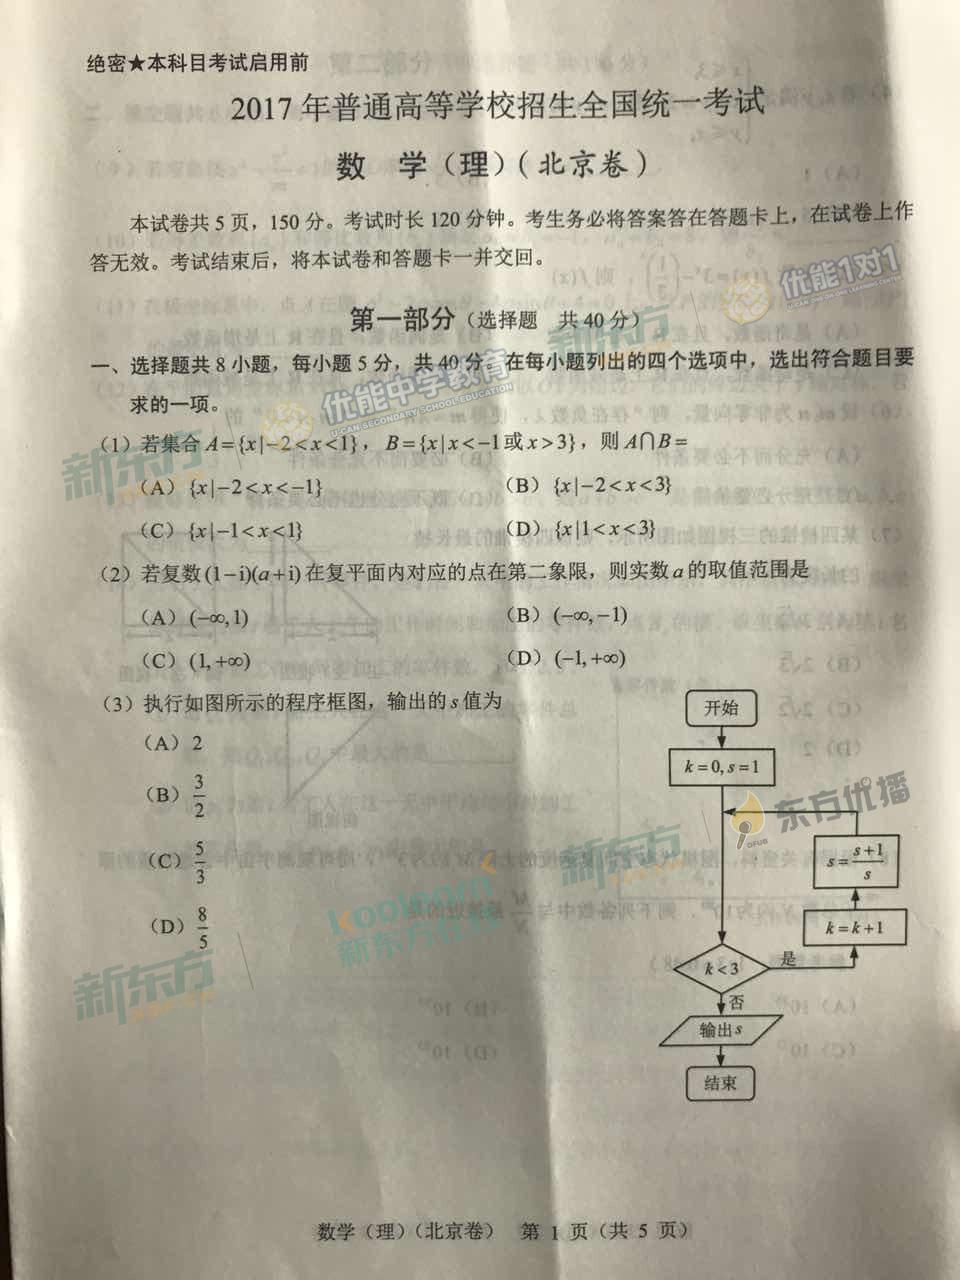 2017北京高考数学理试卷(北京新东方优能)